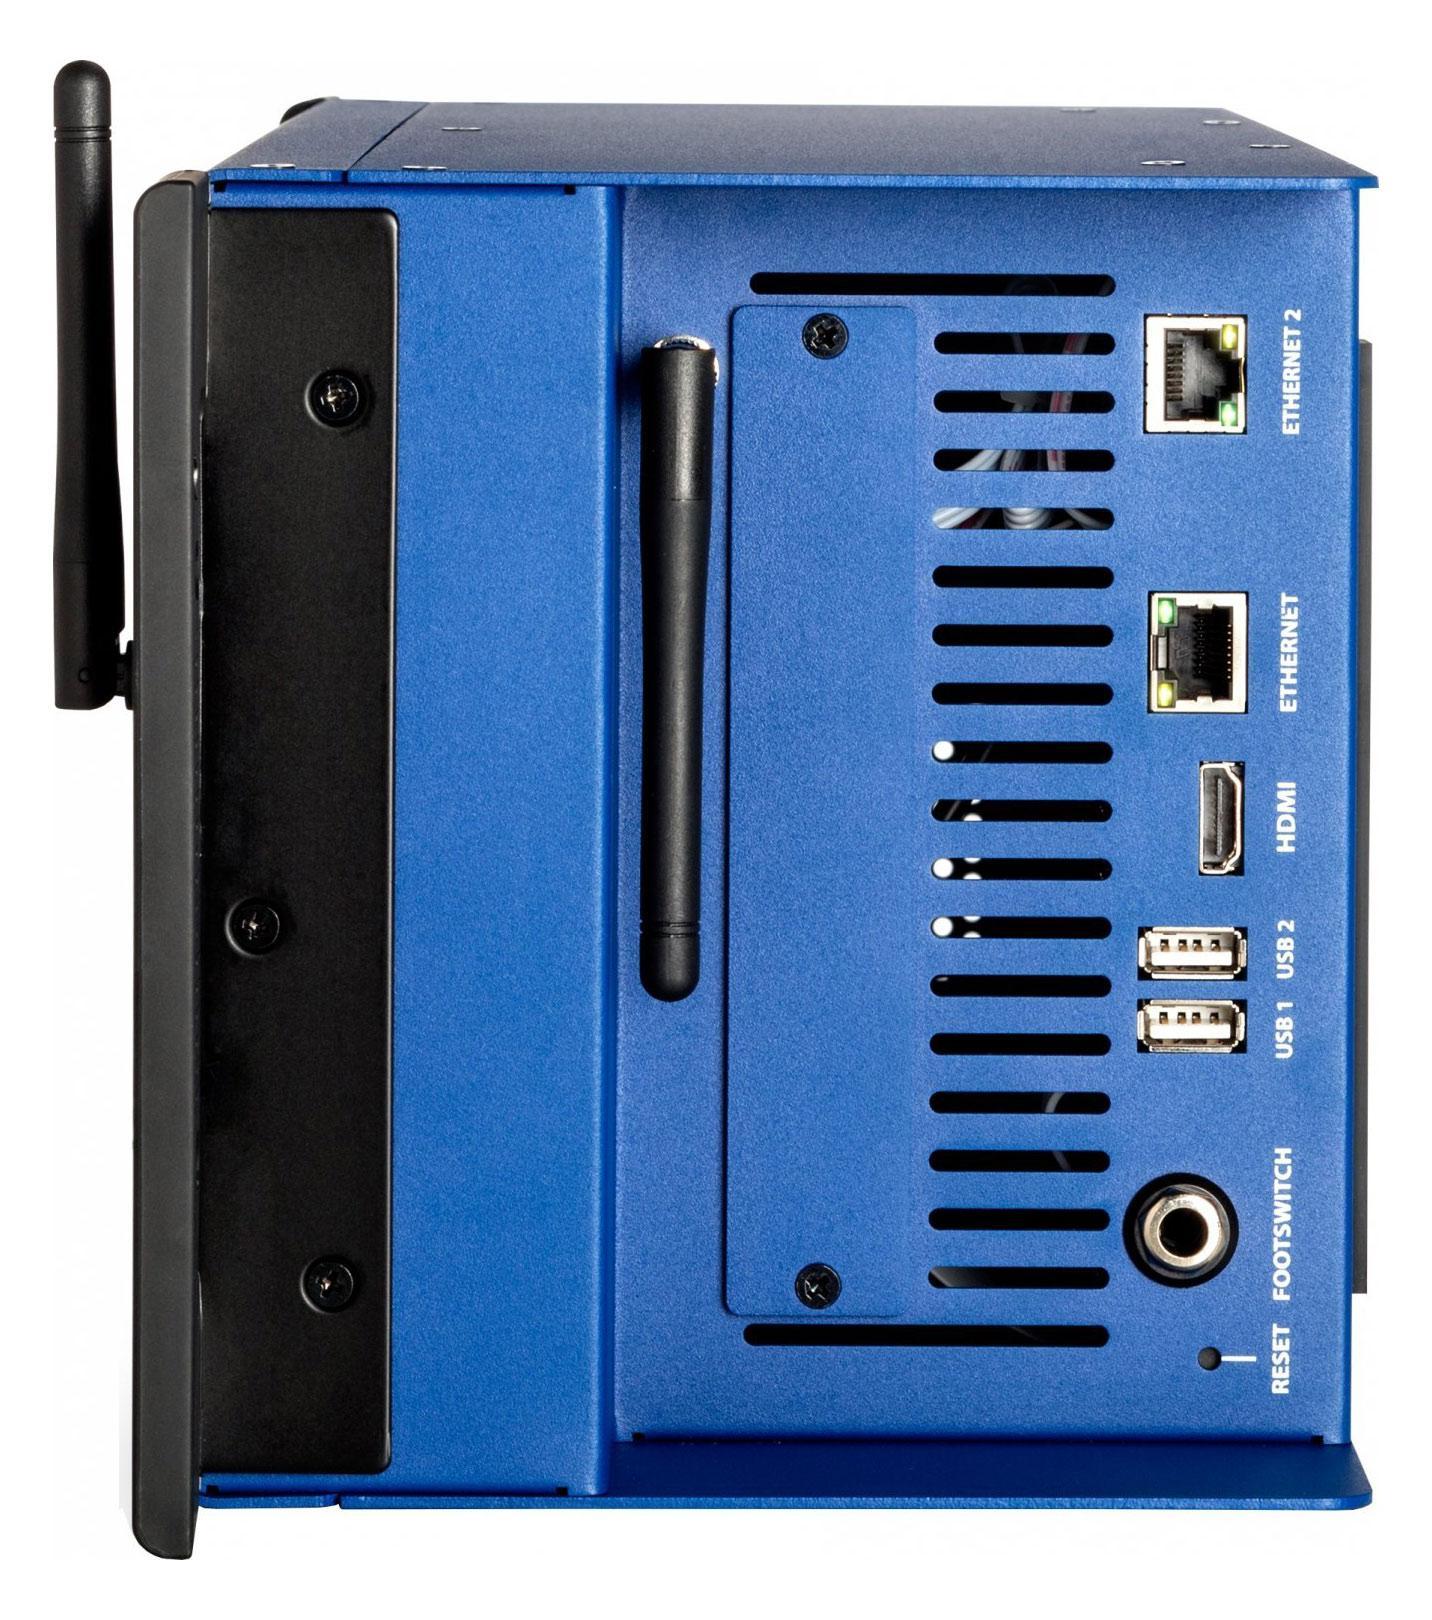 Adam Hall 8755 Rackablage 2 He ZuverläSsige Leistung Musikinstrumente Pro-audio Equipment